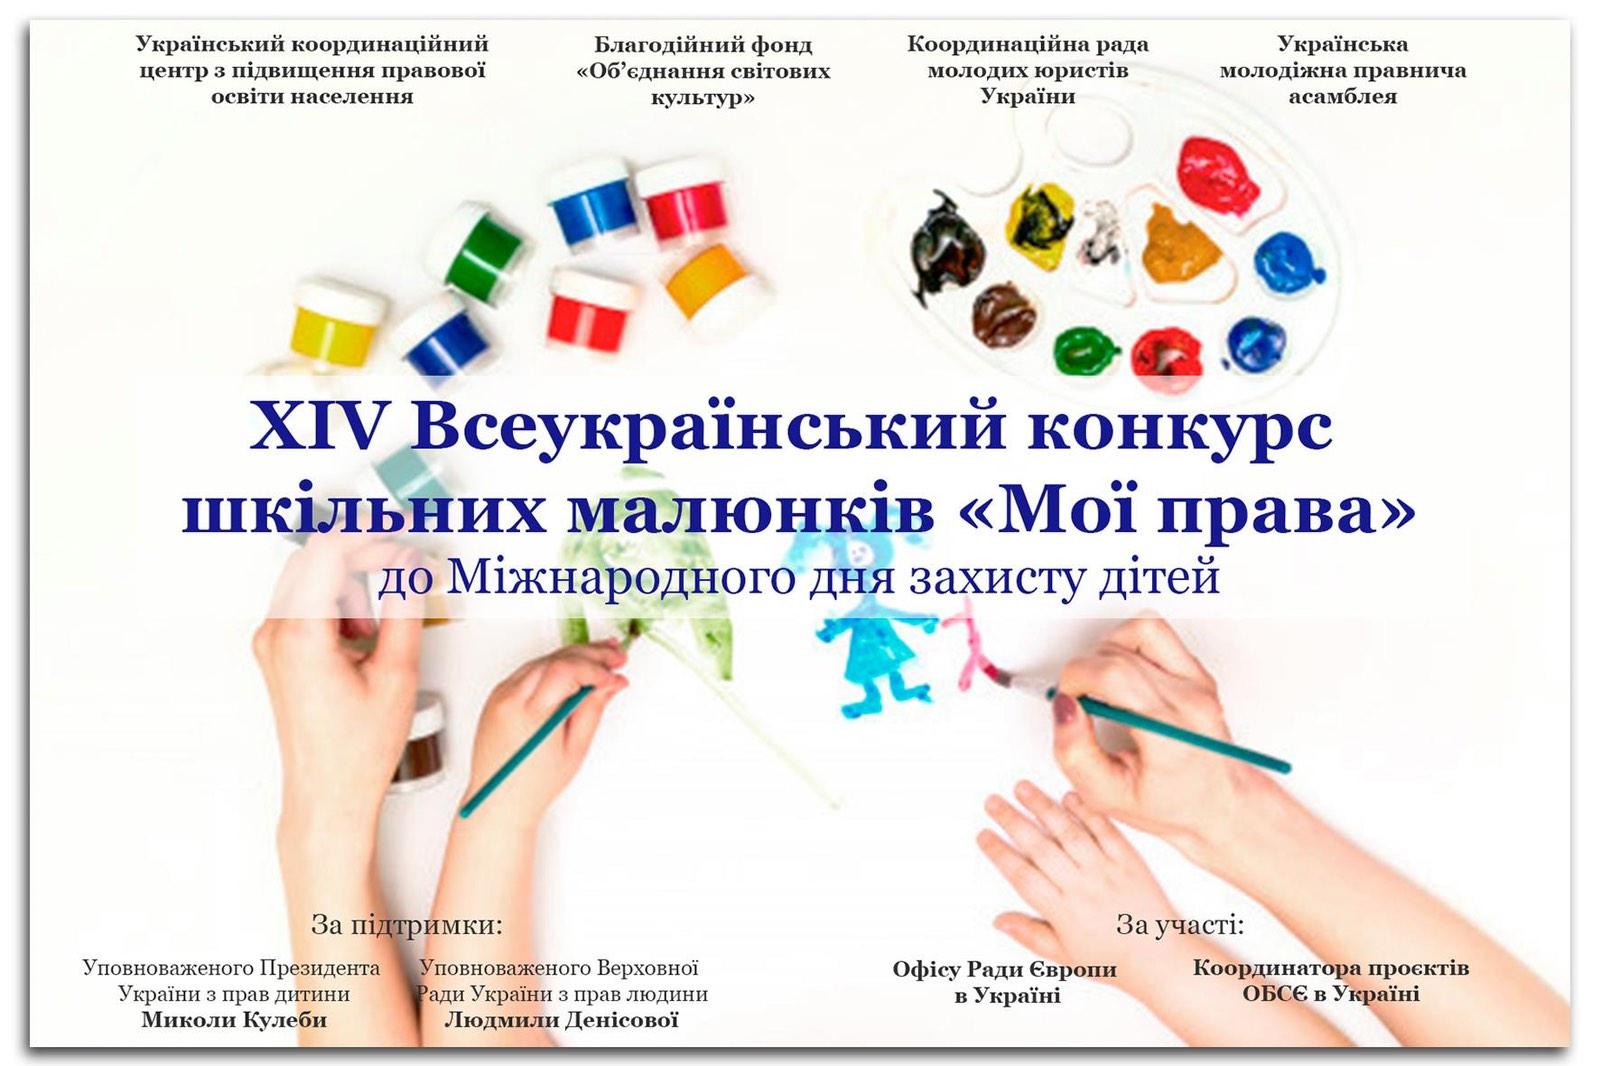 Про XIV Всеукраїнський конкурс шкільних малюнків «Мої права ...